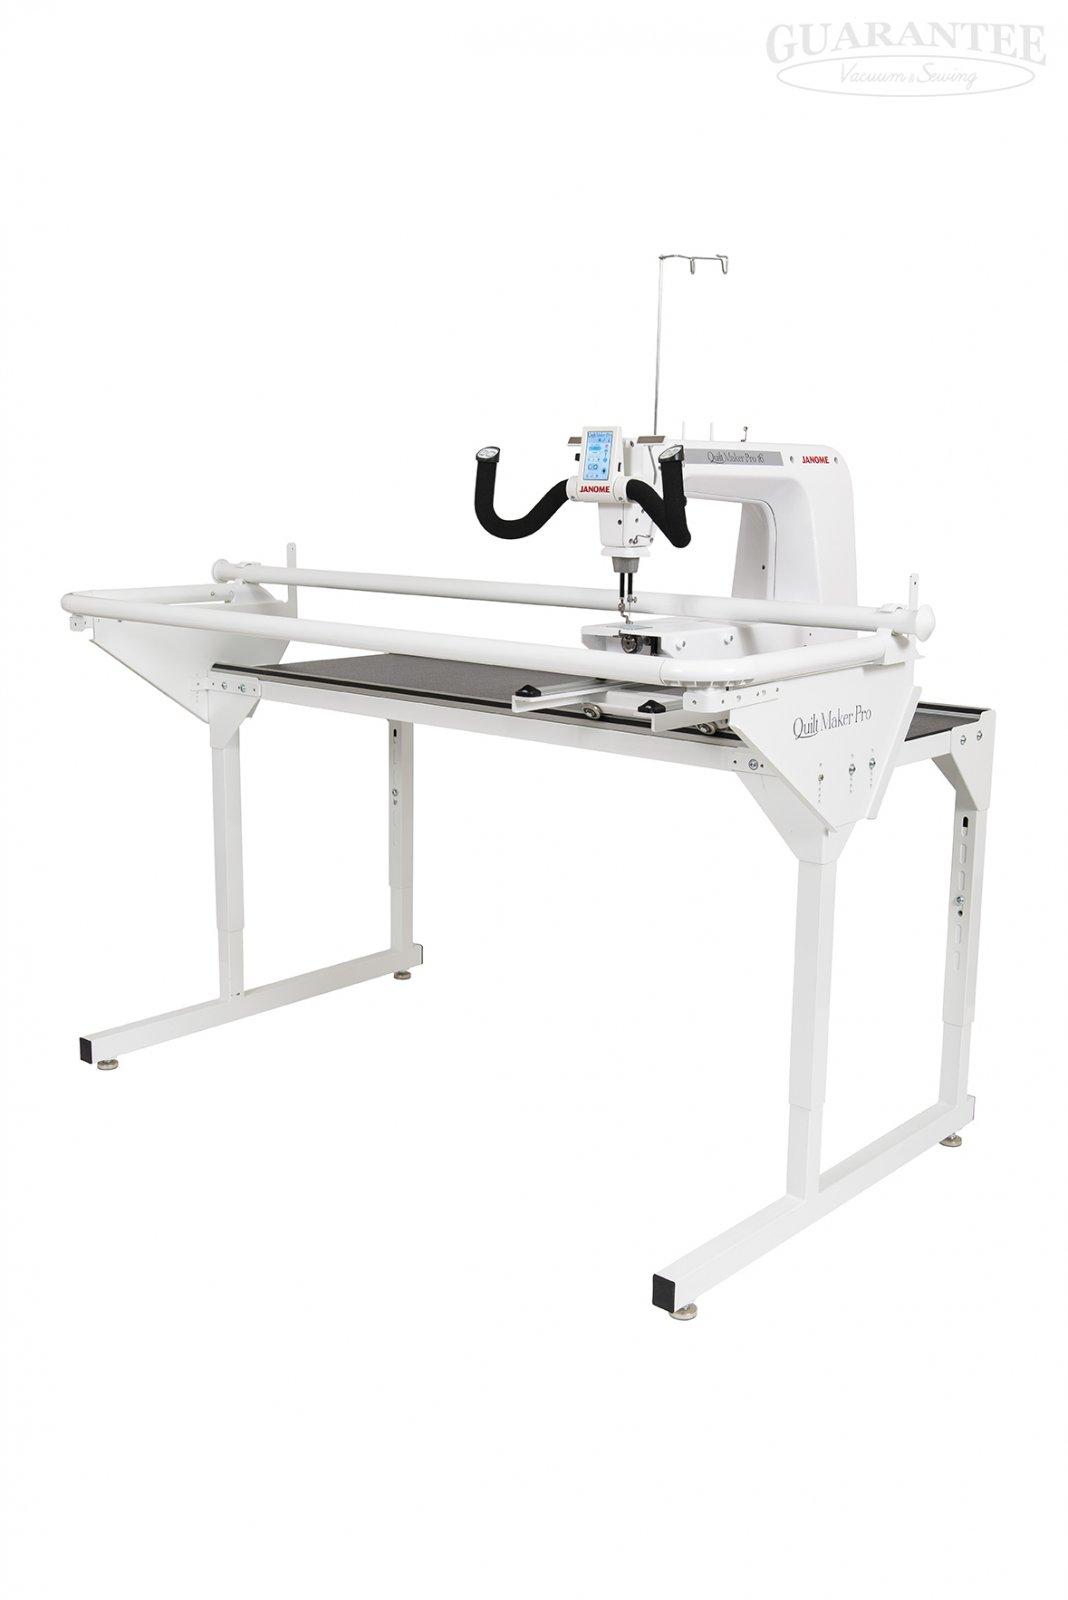 JANOME Quilt Maker Pro 16 Long Arm Quilting Machine